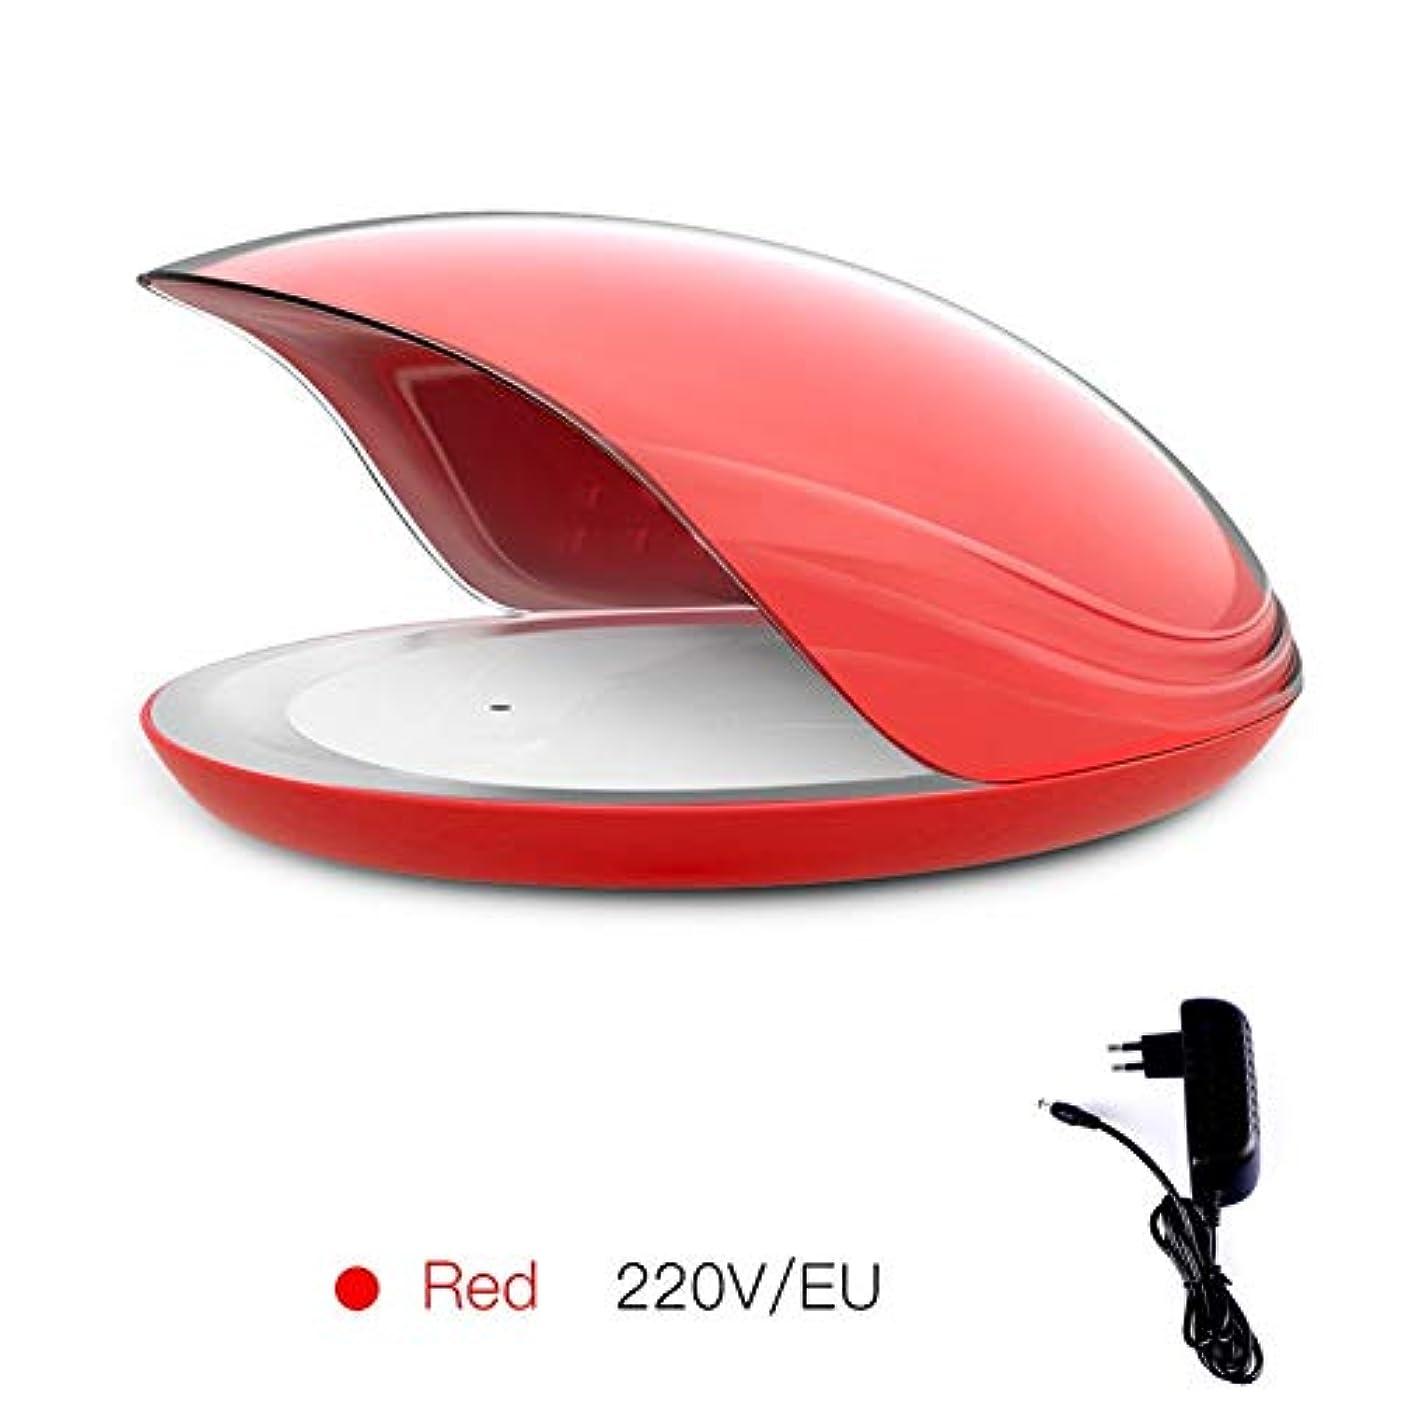 浪費ゴネリル機械的にLittleCat メモリーネイルネイルポリッシュプラスチックドライヤーランプのツールインテリジェント80WネイルUVライトセンシングタイミング (色 : Red round insert)